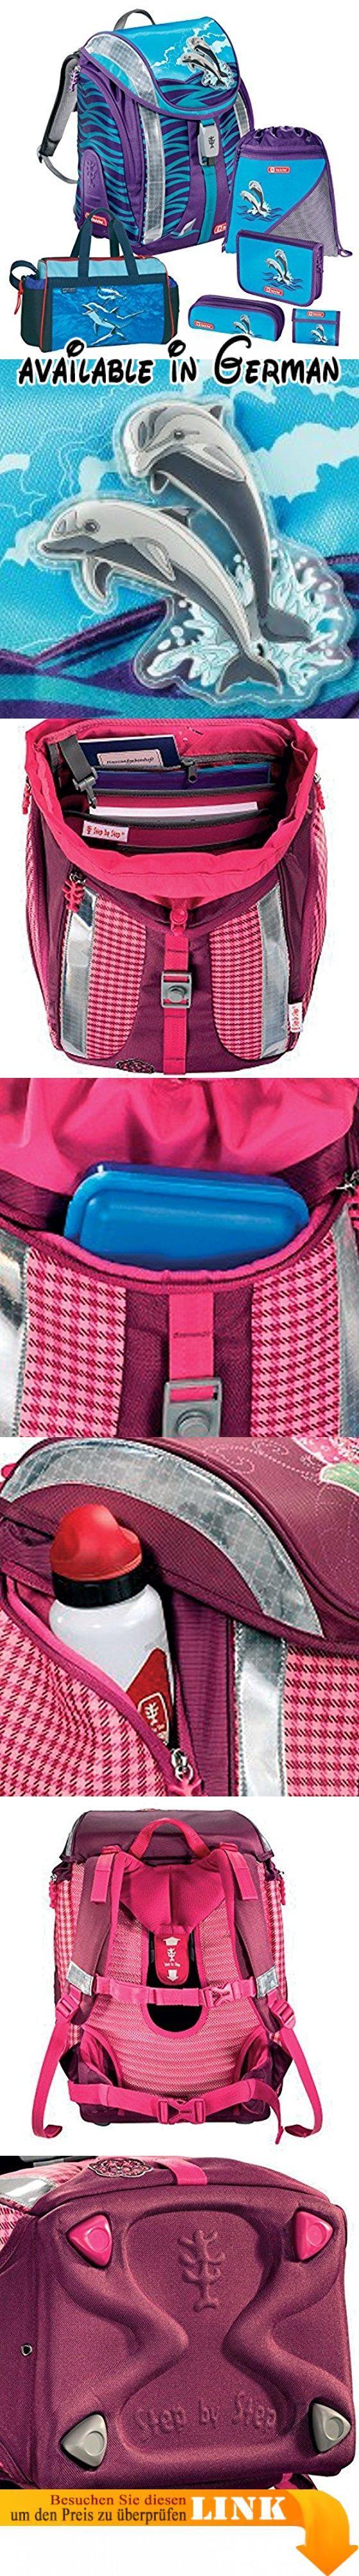 Step by Step FLEXLINE Happy Dolphins Schulranzen-Set 6 tlg. Delfine Sporttasche. Das Set enthält:Step by Step Flexline Schulranzen. Federtasche mit 1 Klappe, 24tlg. Lyra-Markenfüllung. Hochwertige, schicke Marken-Sporttasche, stabiler Boden, Außen-Vortasche mit Zipper, verstellbarer Umhängegurt. Turnbeutel, Schlamperetui. Brustbeutel, Schultüte 6-eckig 85cm OHNE Deko #Koffer, Rucksäcke & Taschen #LUGGAGE